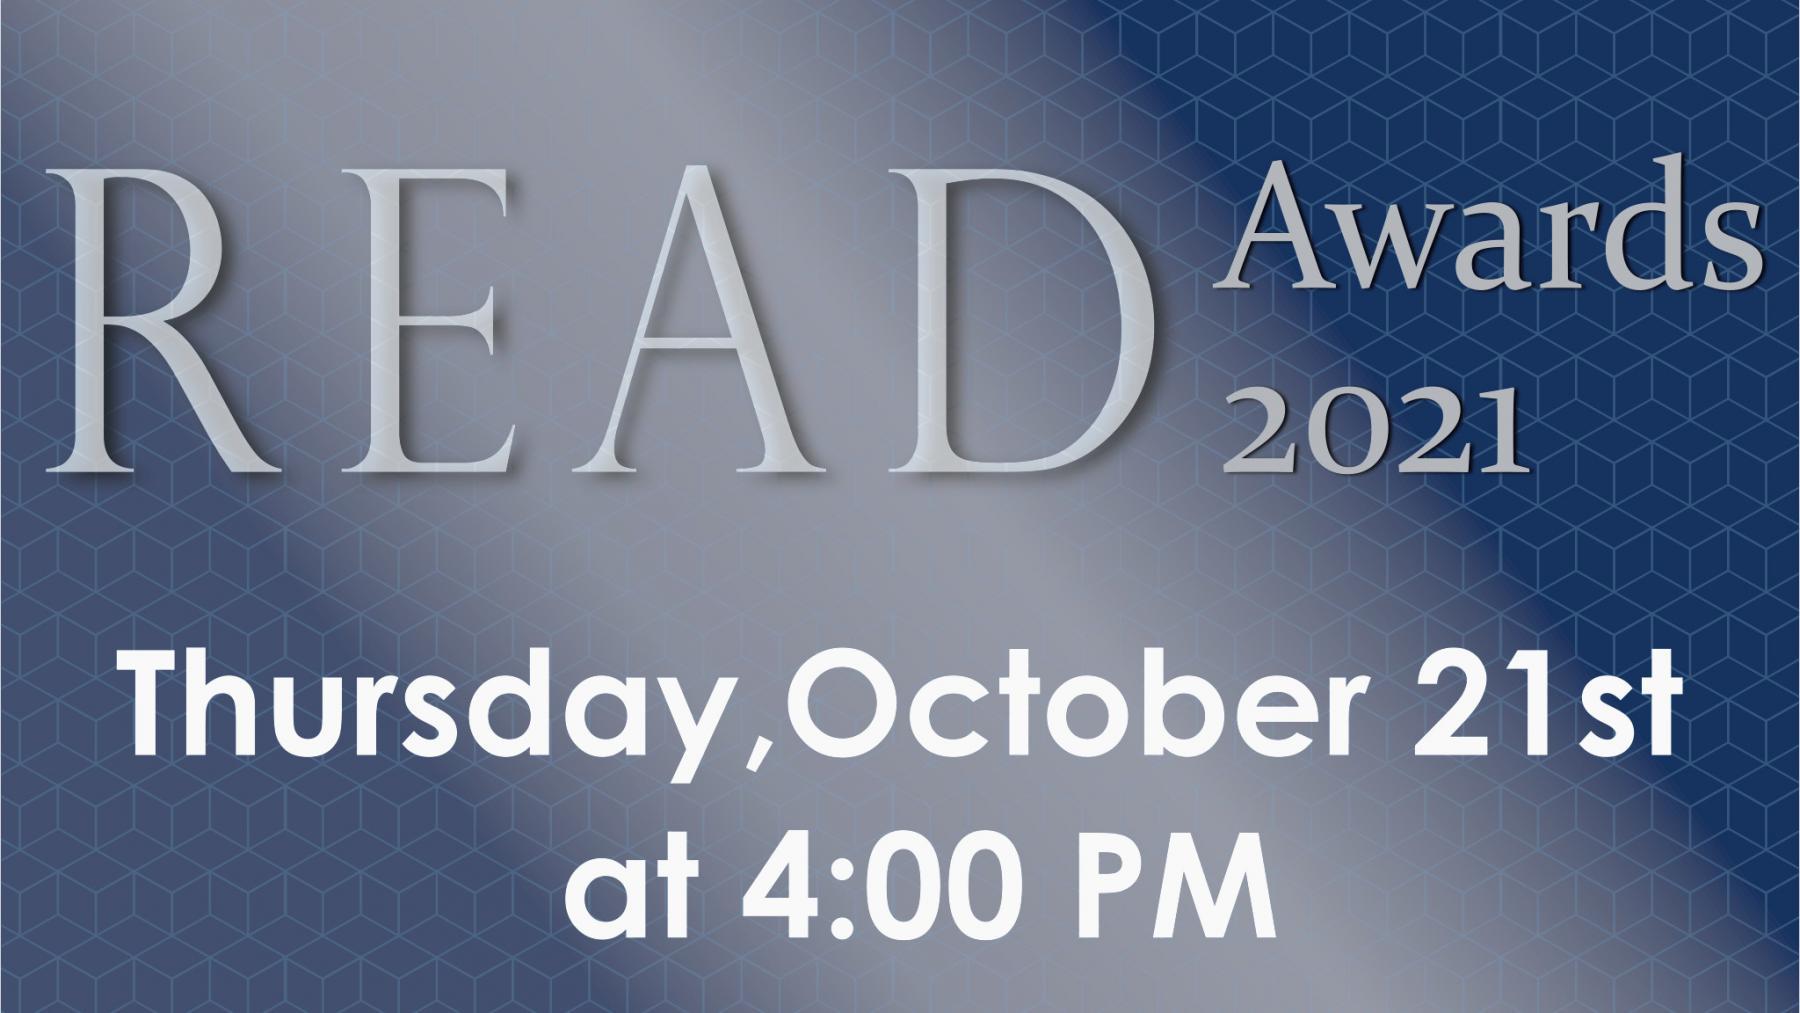 Read Awards 2021. Thursday, October 21st at 4:00 PM